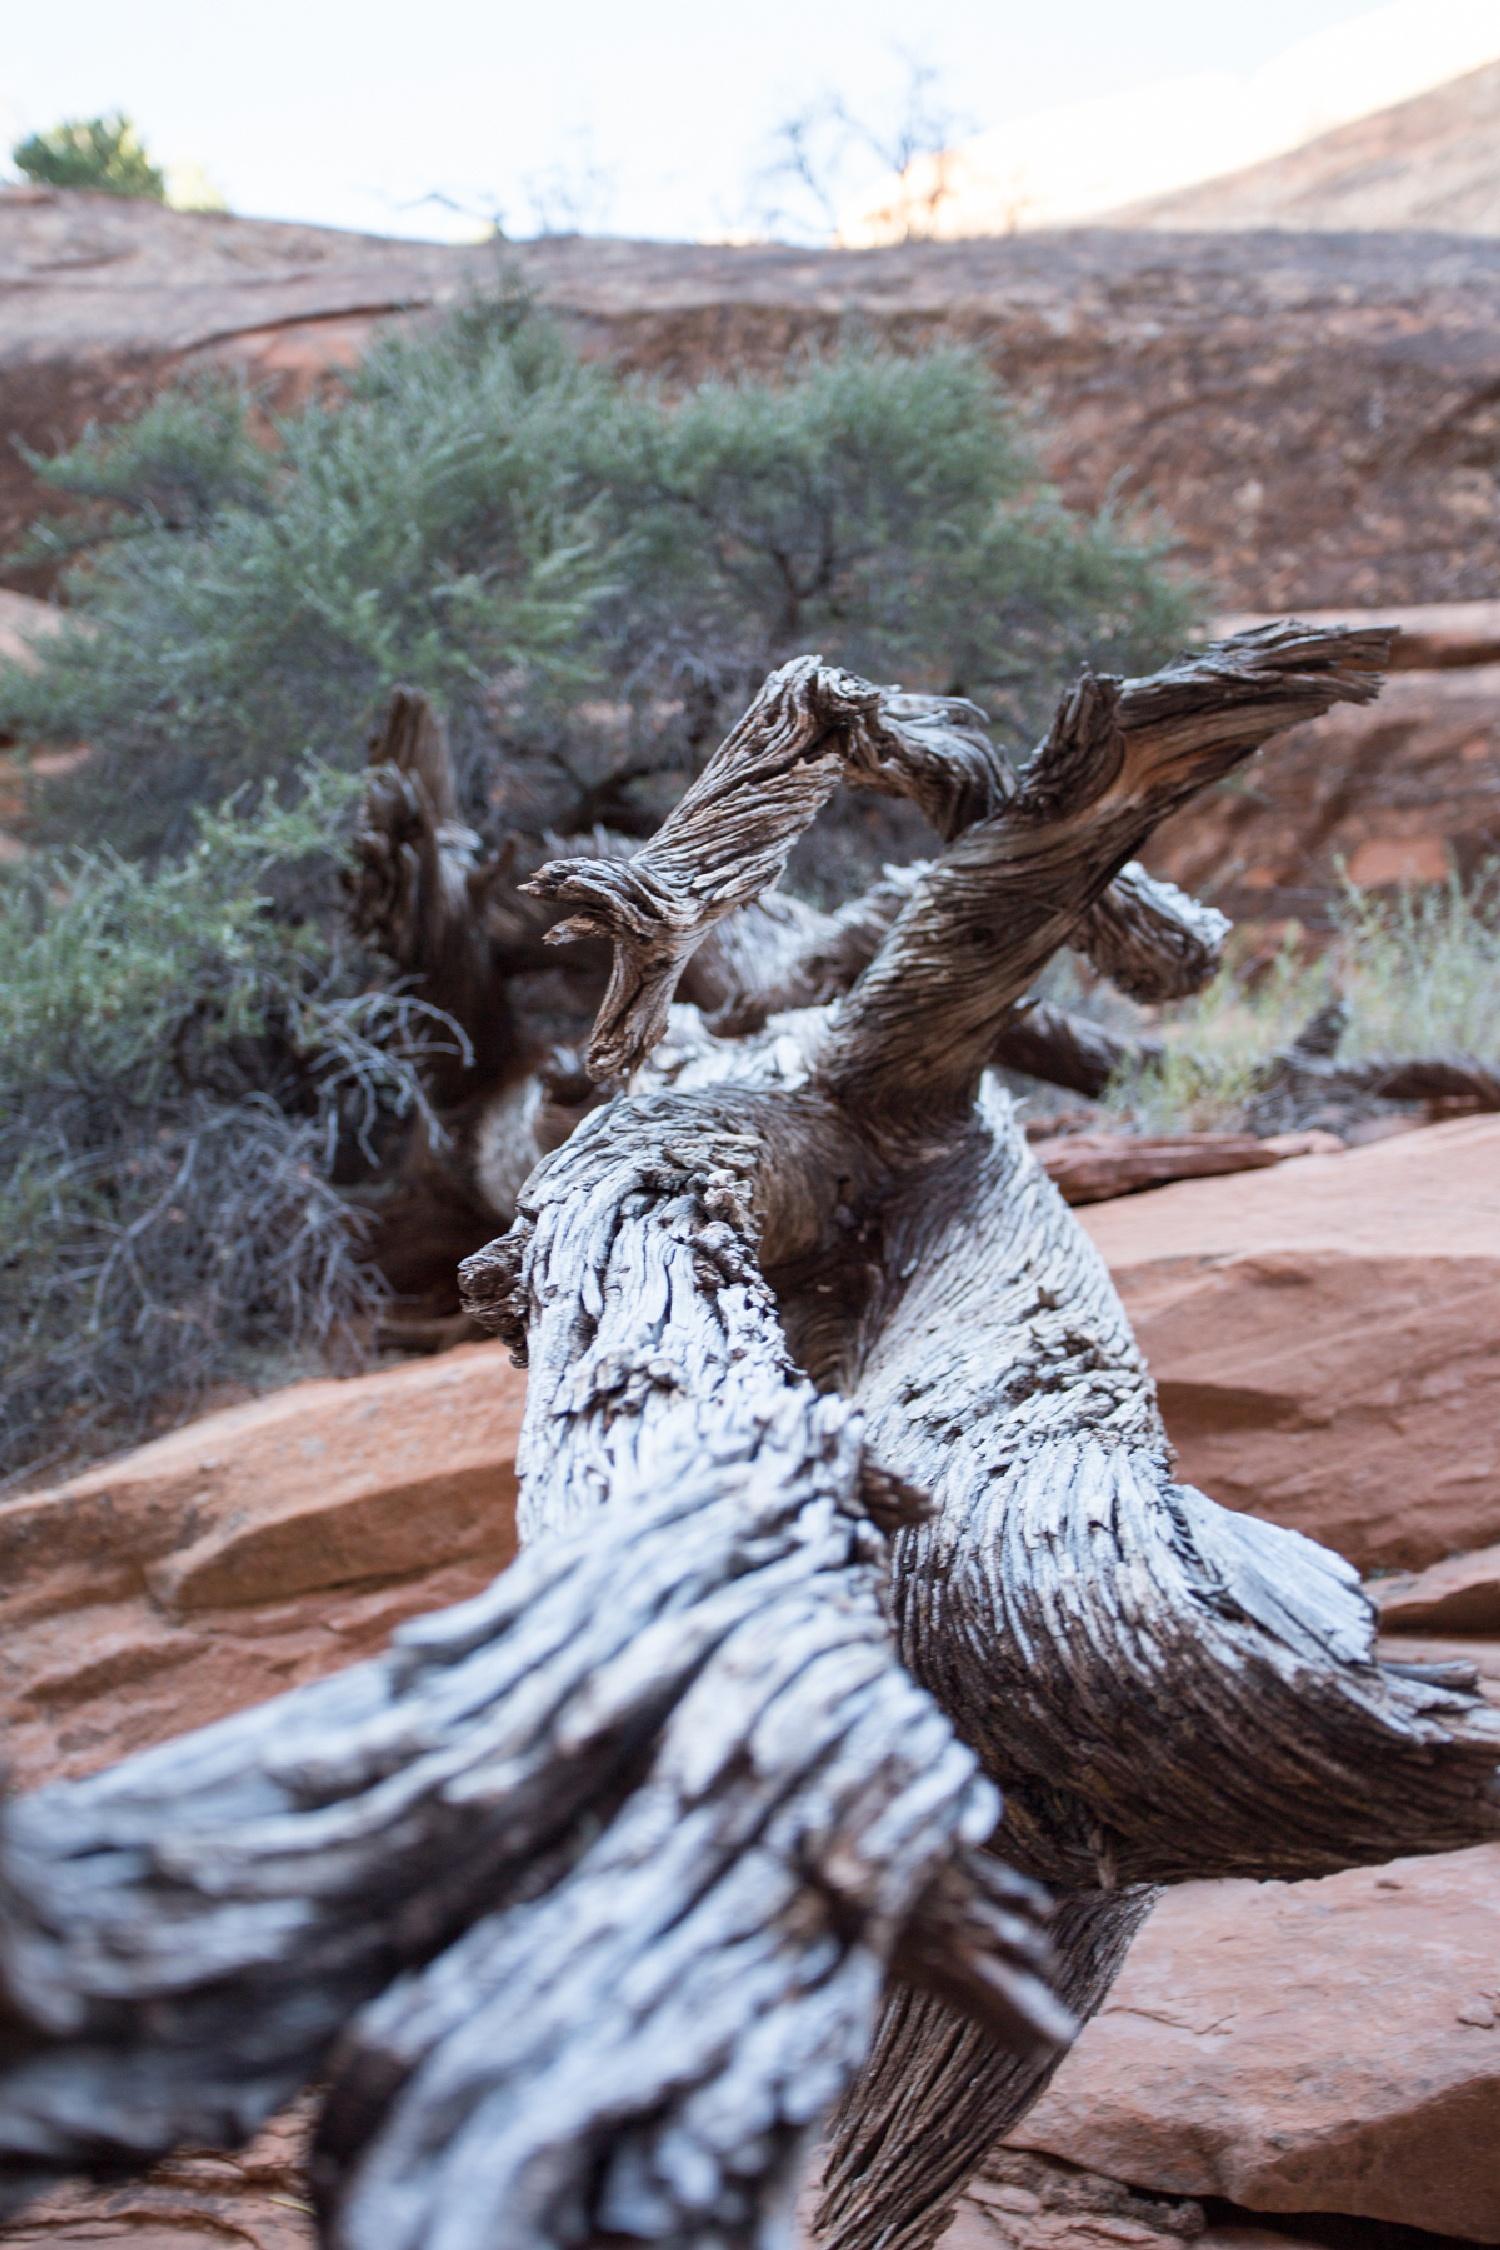 Noch ein Fabelwesen das ich oft in Bäumen sehe... Ist das real? oder nur spannend... auf jeden Fall ein guter Zeitvertreib